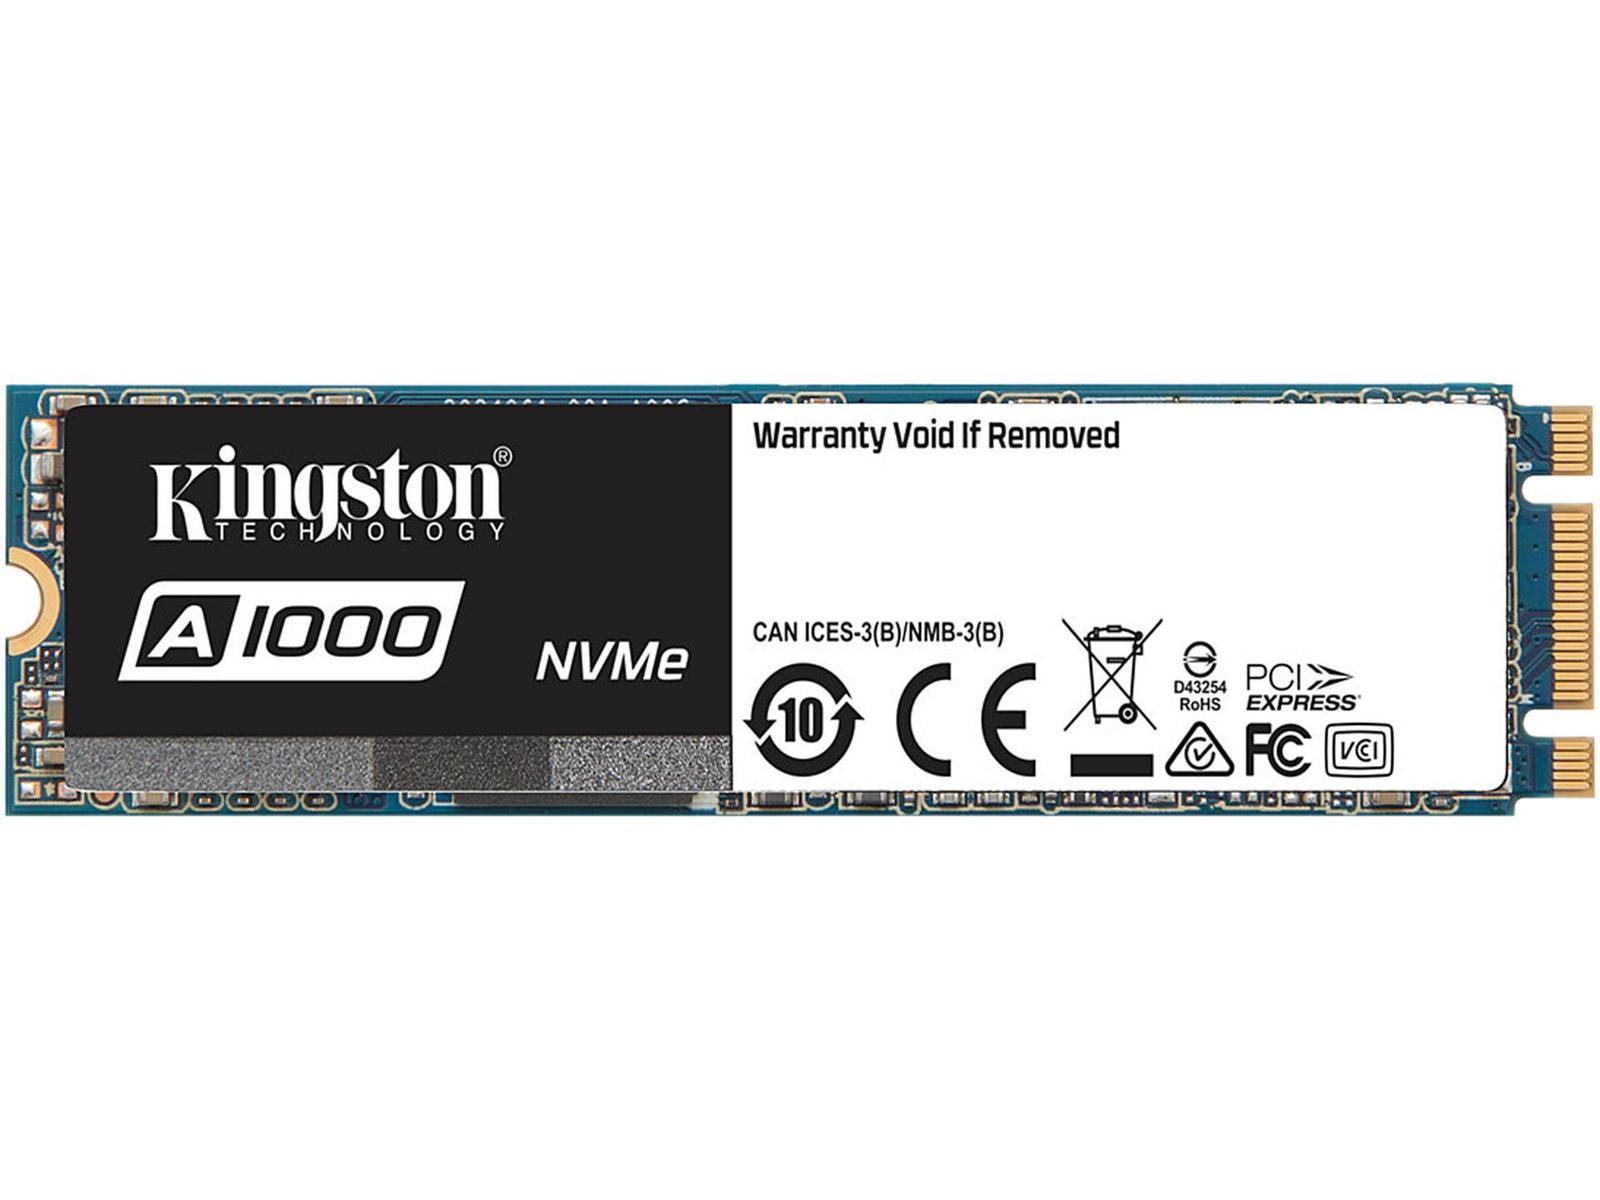 Kingston SSD A1000 M.2-2280